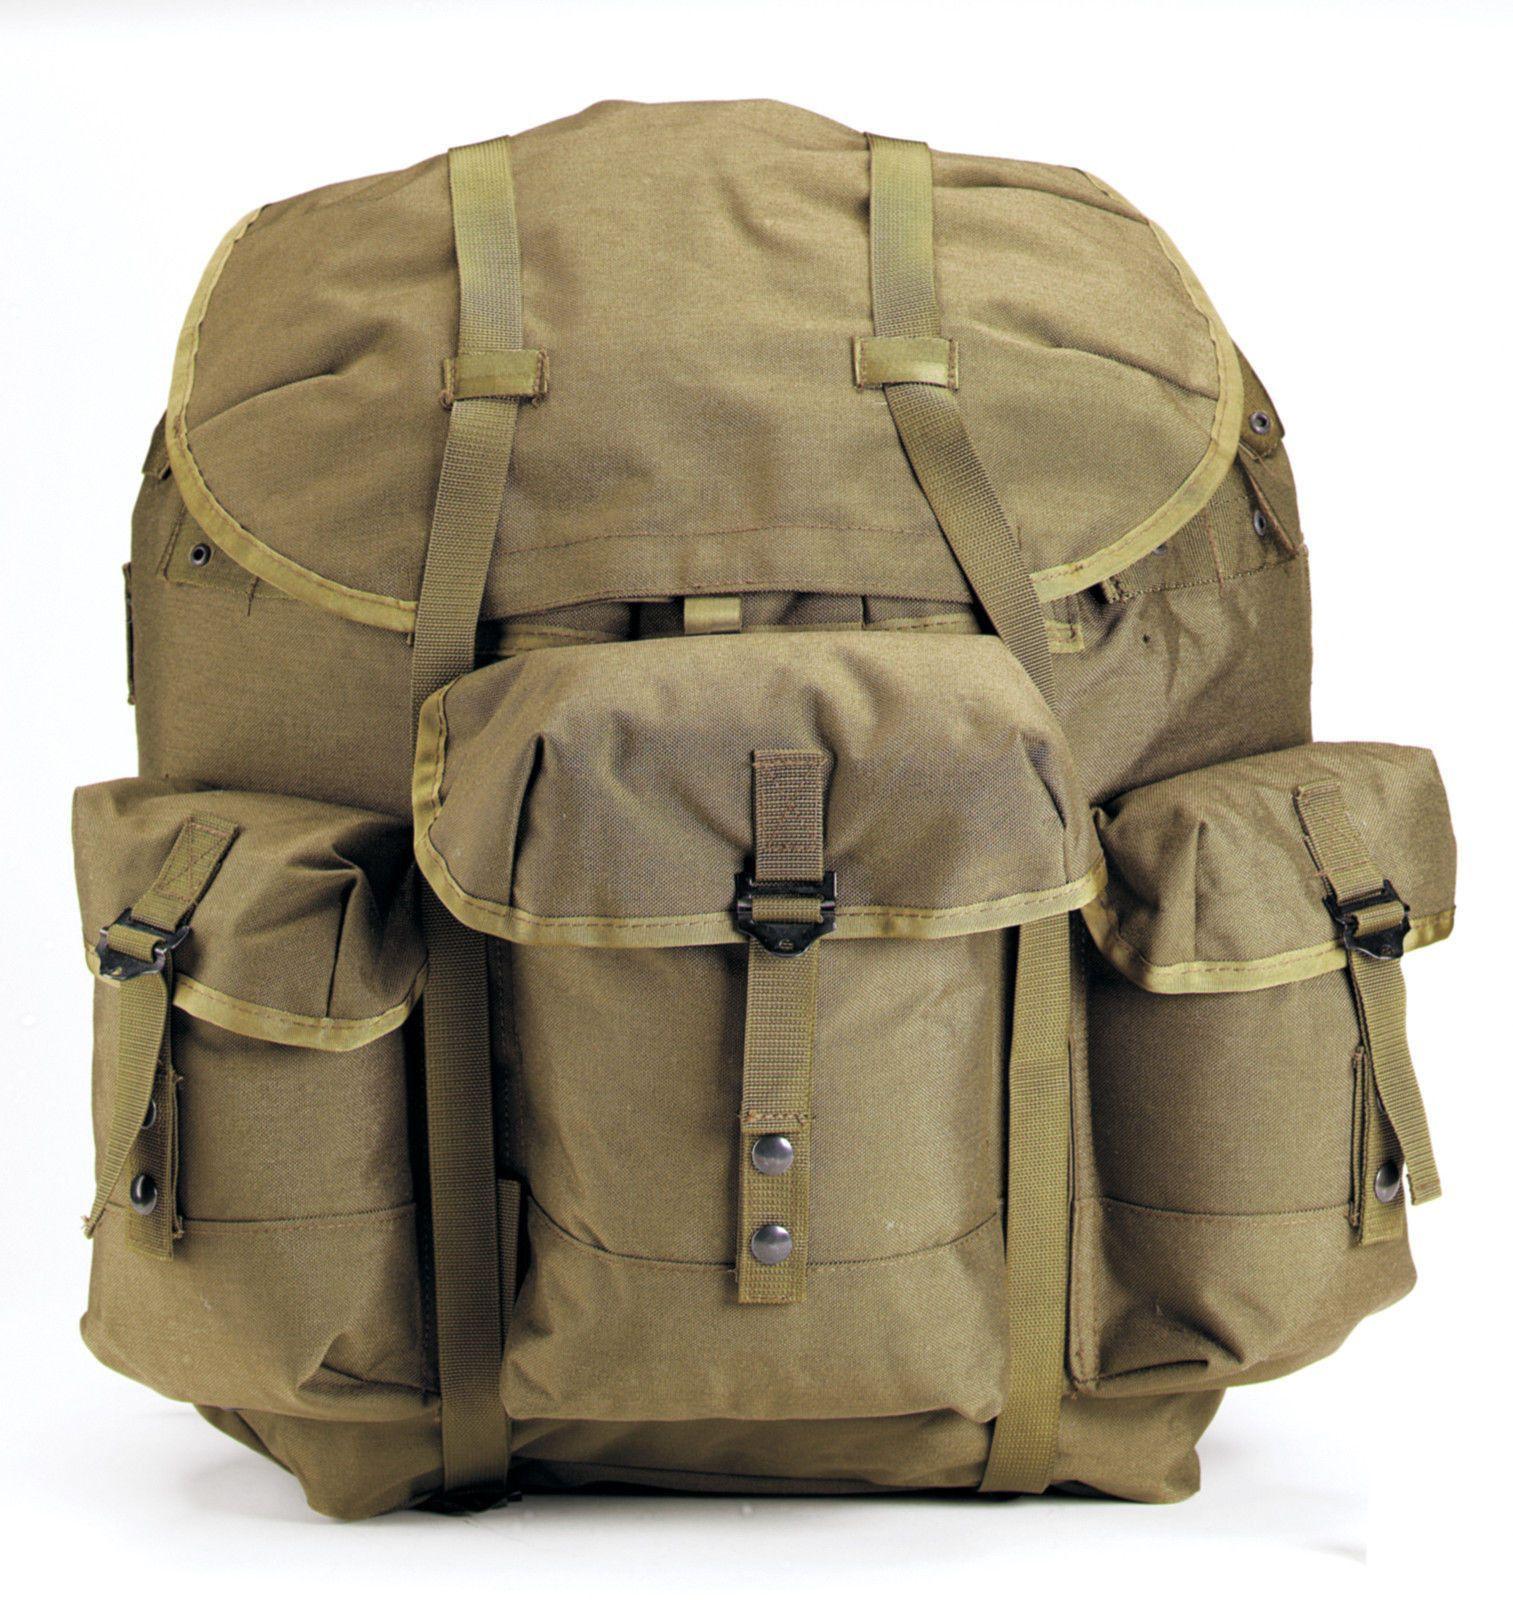 G.I. Military Type Enhanced Nylon Frame ALICE Packs Backpacks w ...